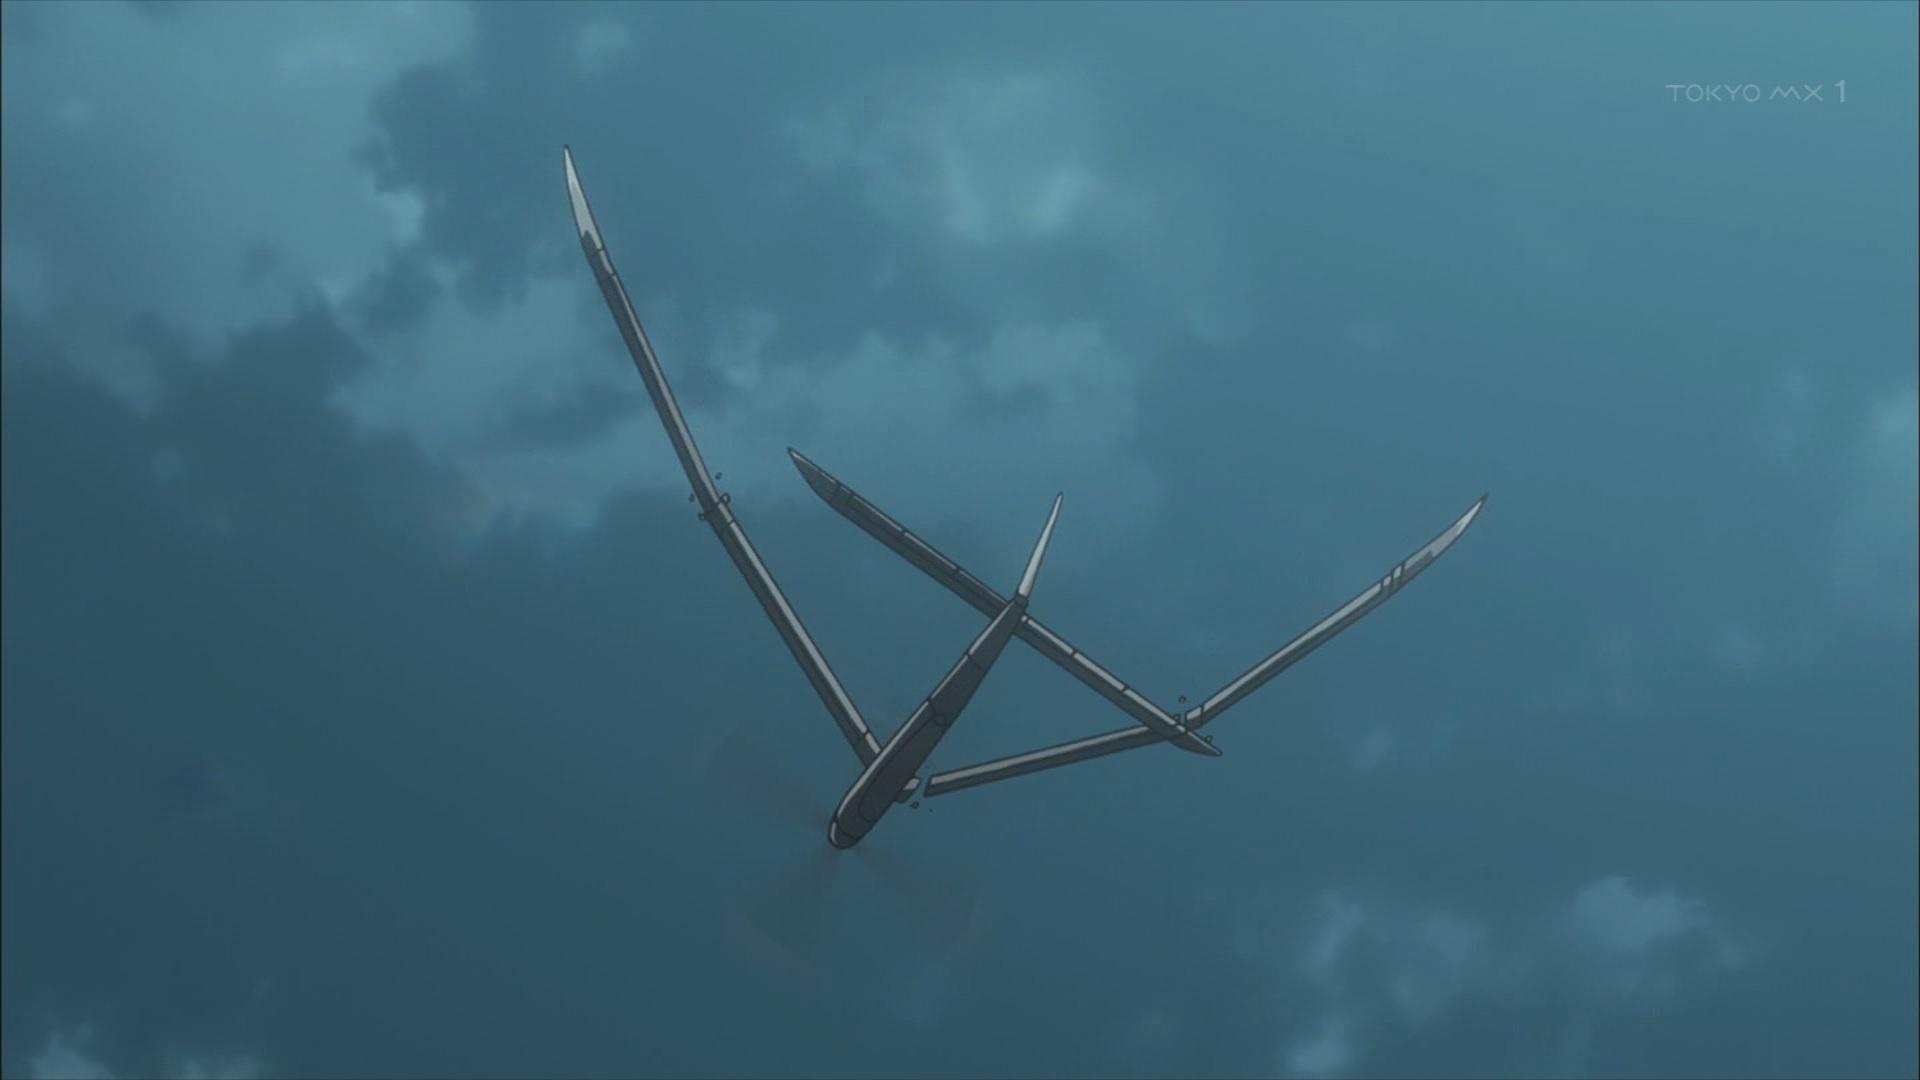 壊れる飛行機